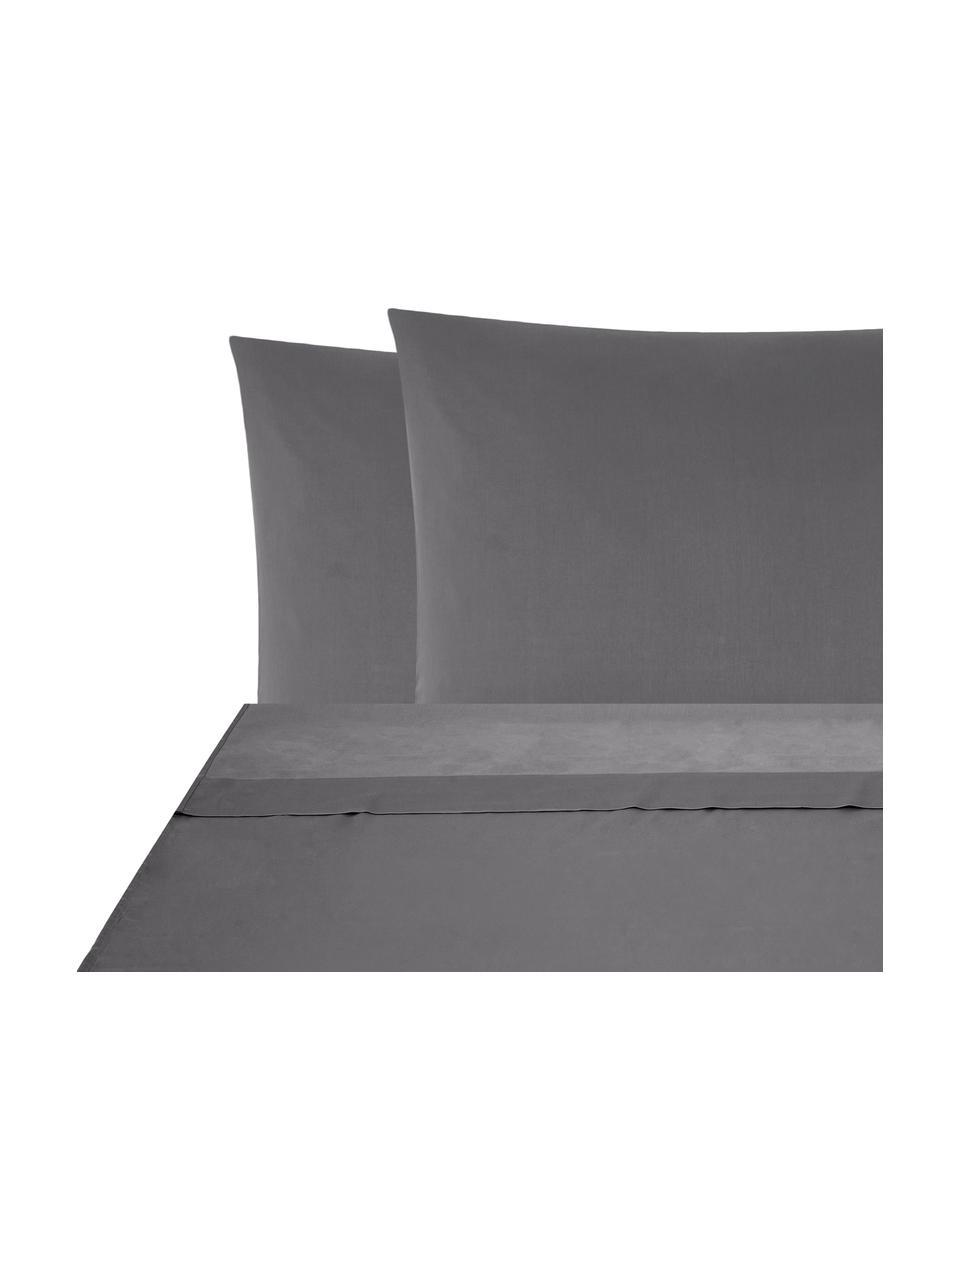 Set lenzuola in raso di cotone grigio scuro Comfort, Tessuto: raso Densità del filo 250, Grigio scuro, 240 x 300 cm + 2 cuscini 50 x 80 cm